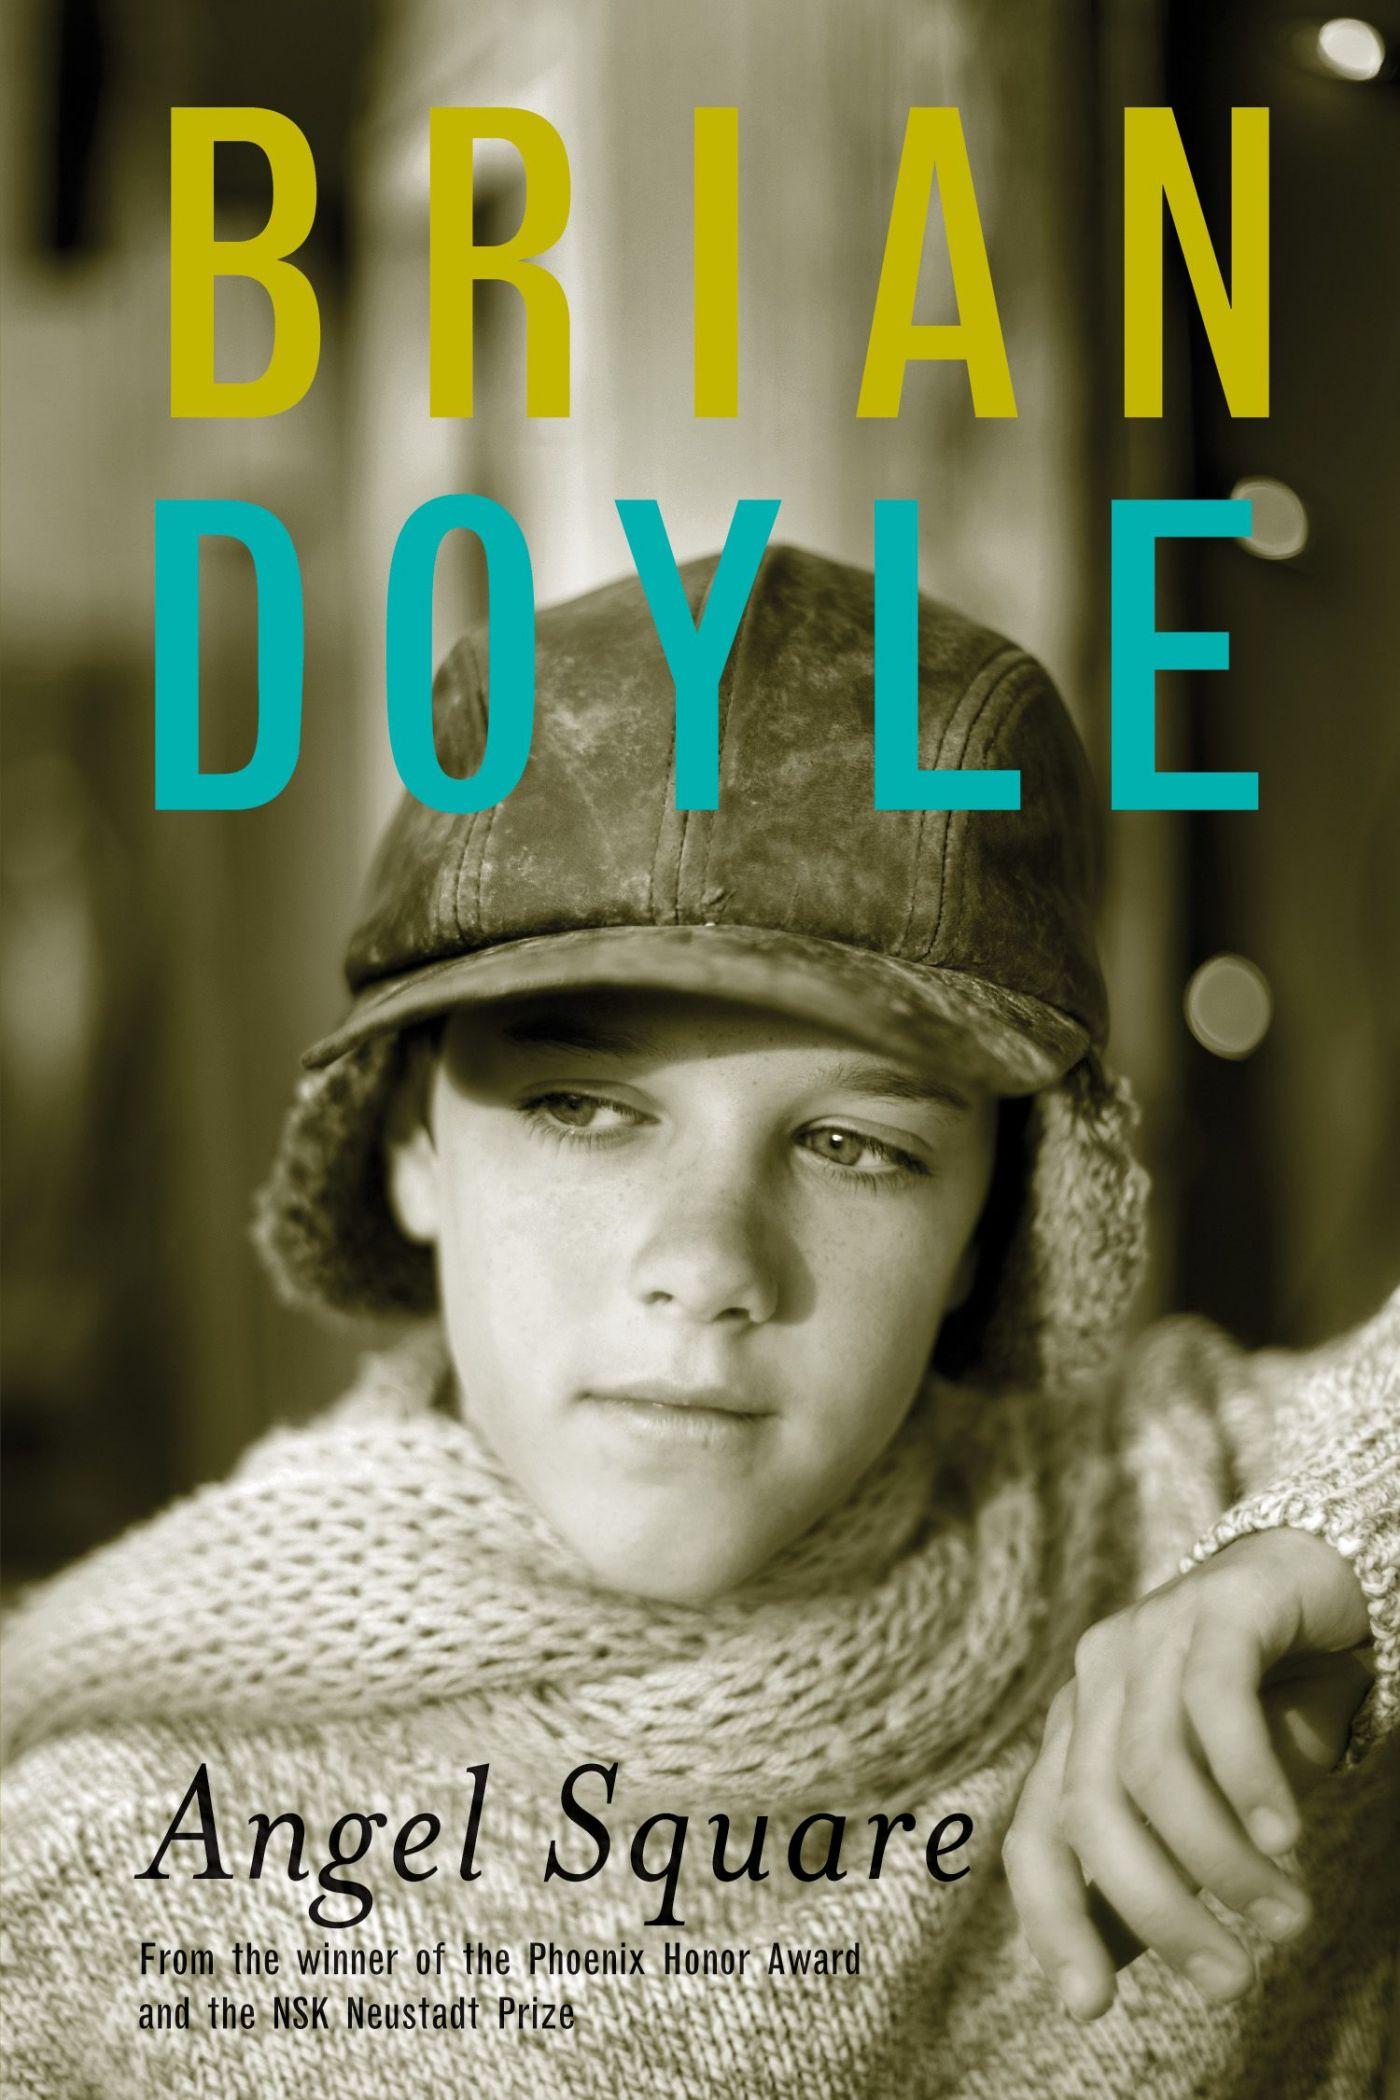 Photographie couleur d'un jeune garçon, portant casquette et chandail de laine et affichant un regard pensif. Texte dactylographié en anglais. Le nom de l'auteur en jaune et en bleu.